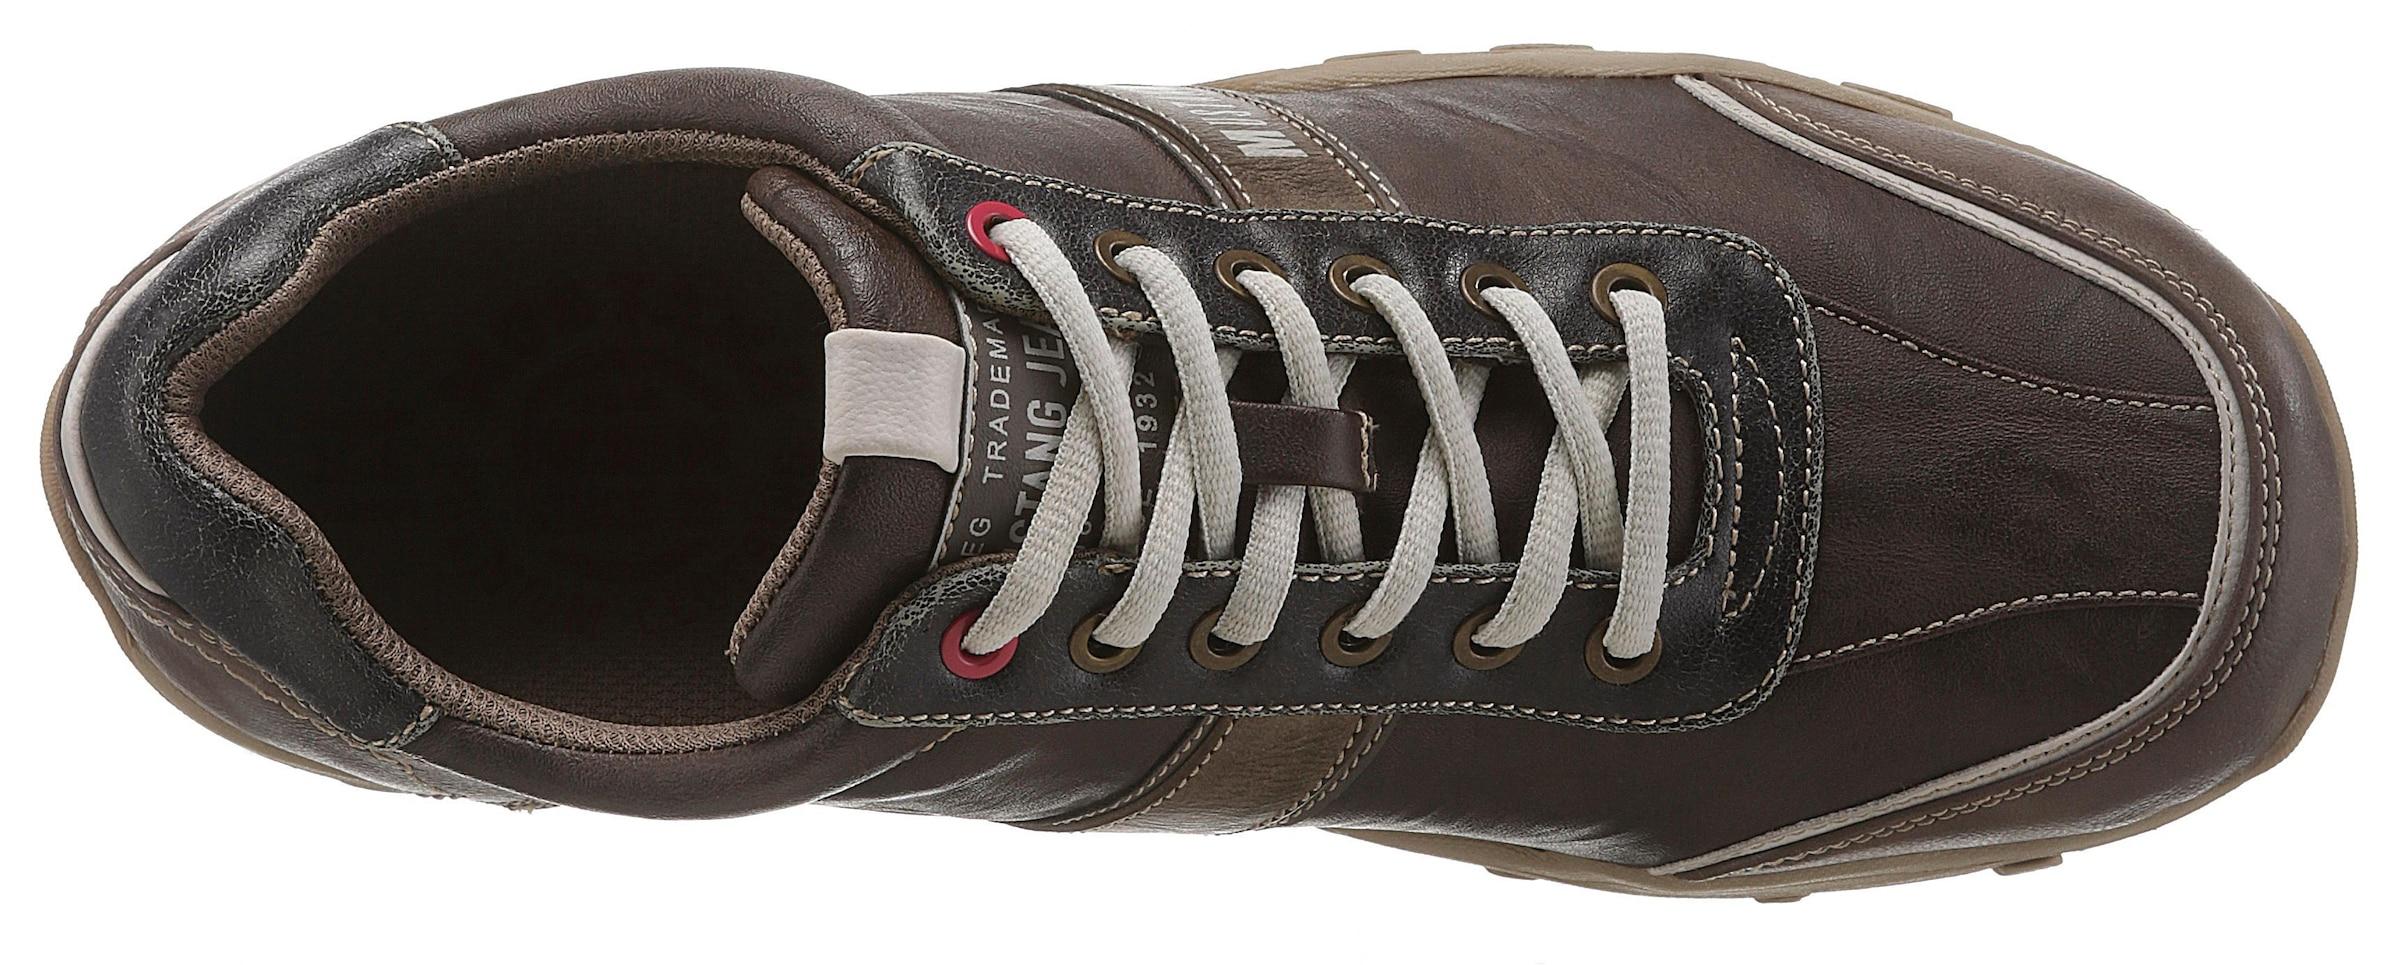 Mustang Shoes Schnürschuh es bestellen | Gutes Preis-Leistungs-Verhältnis, es Schnürschuh lohnt sich,Boutique1847 60b1dc